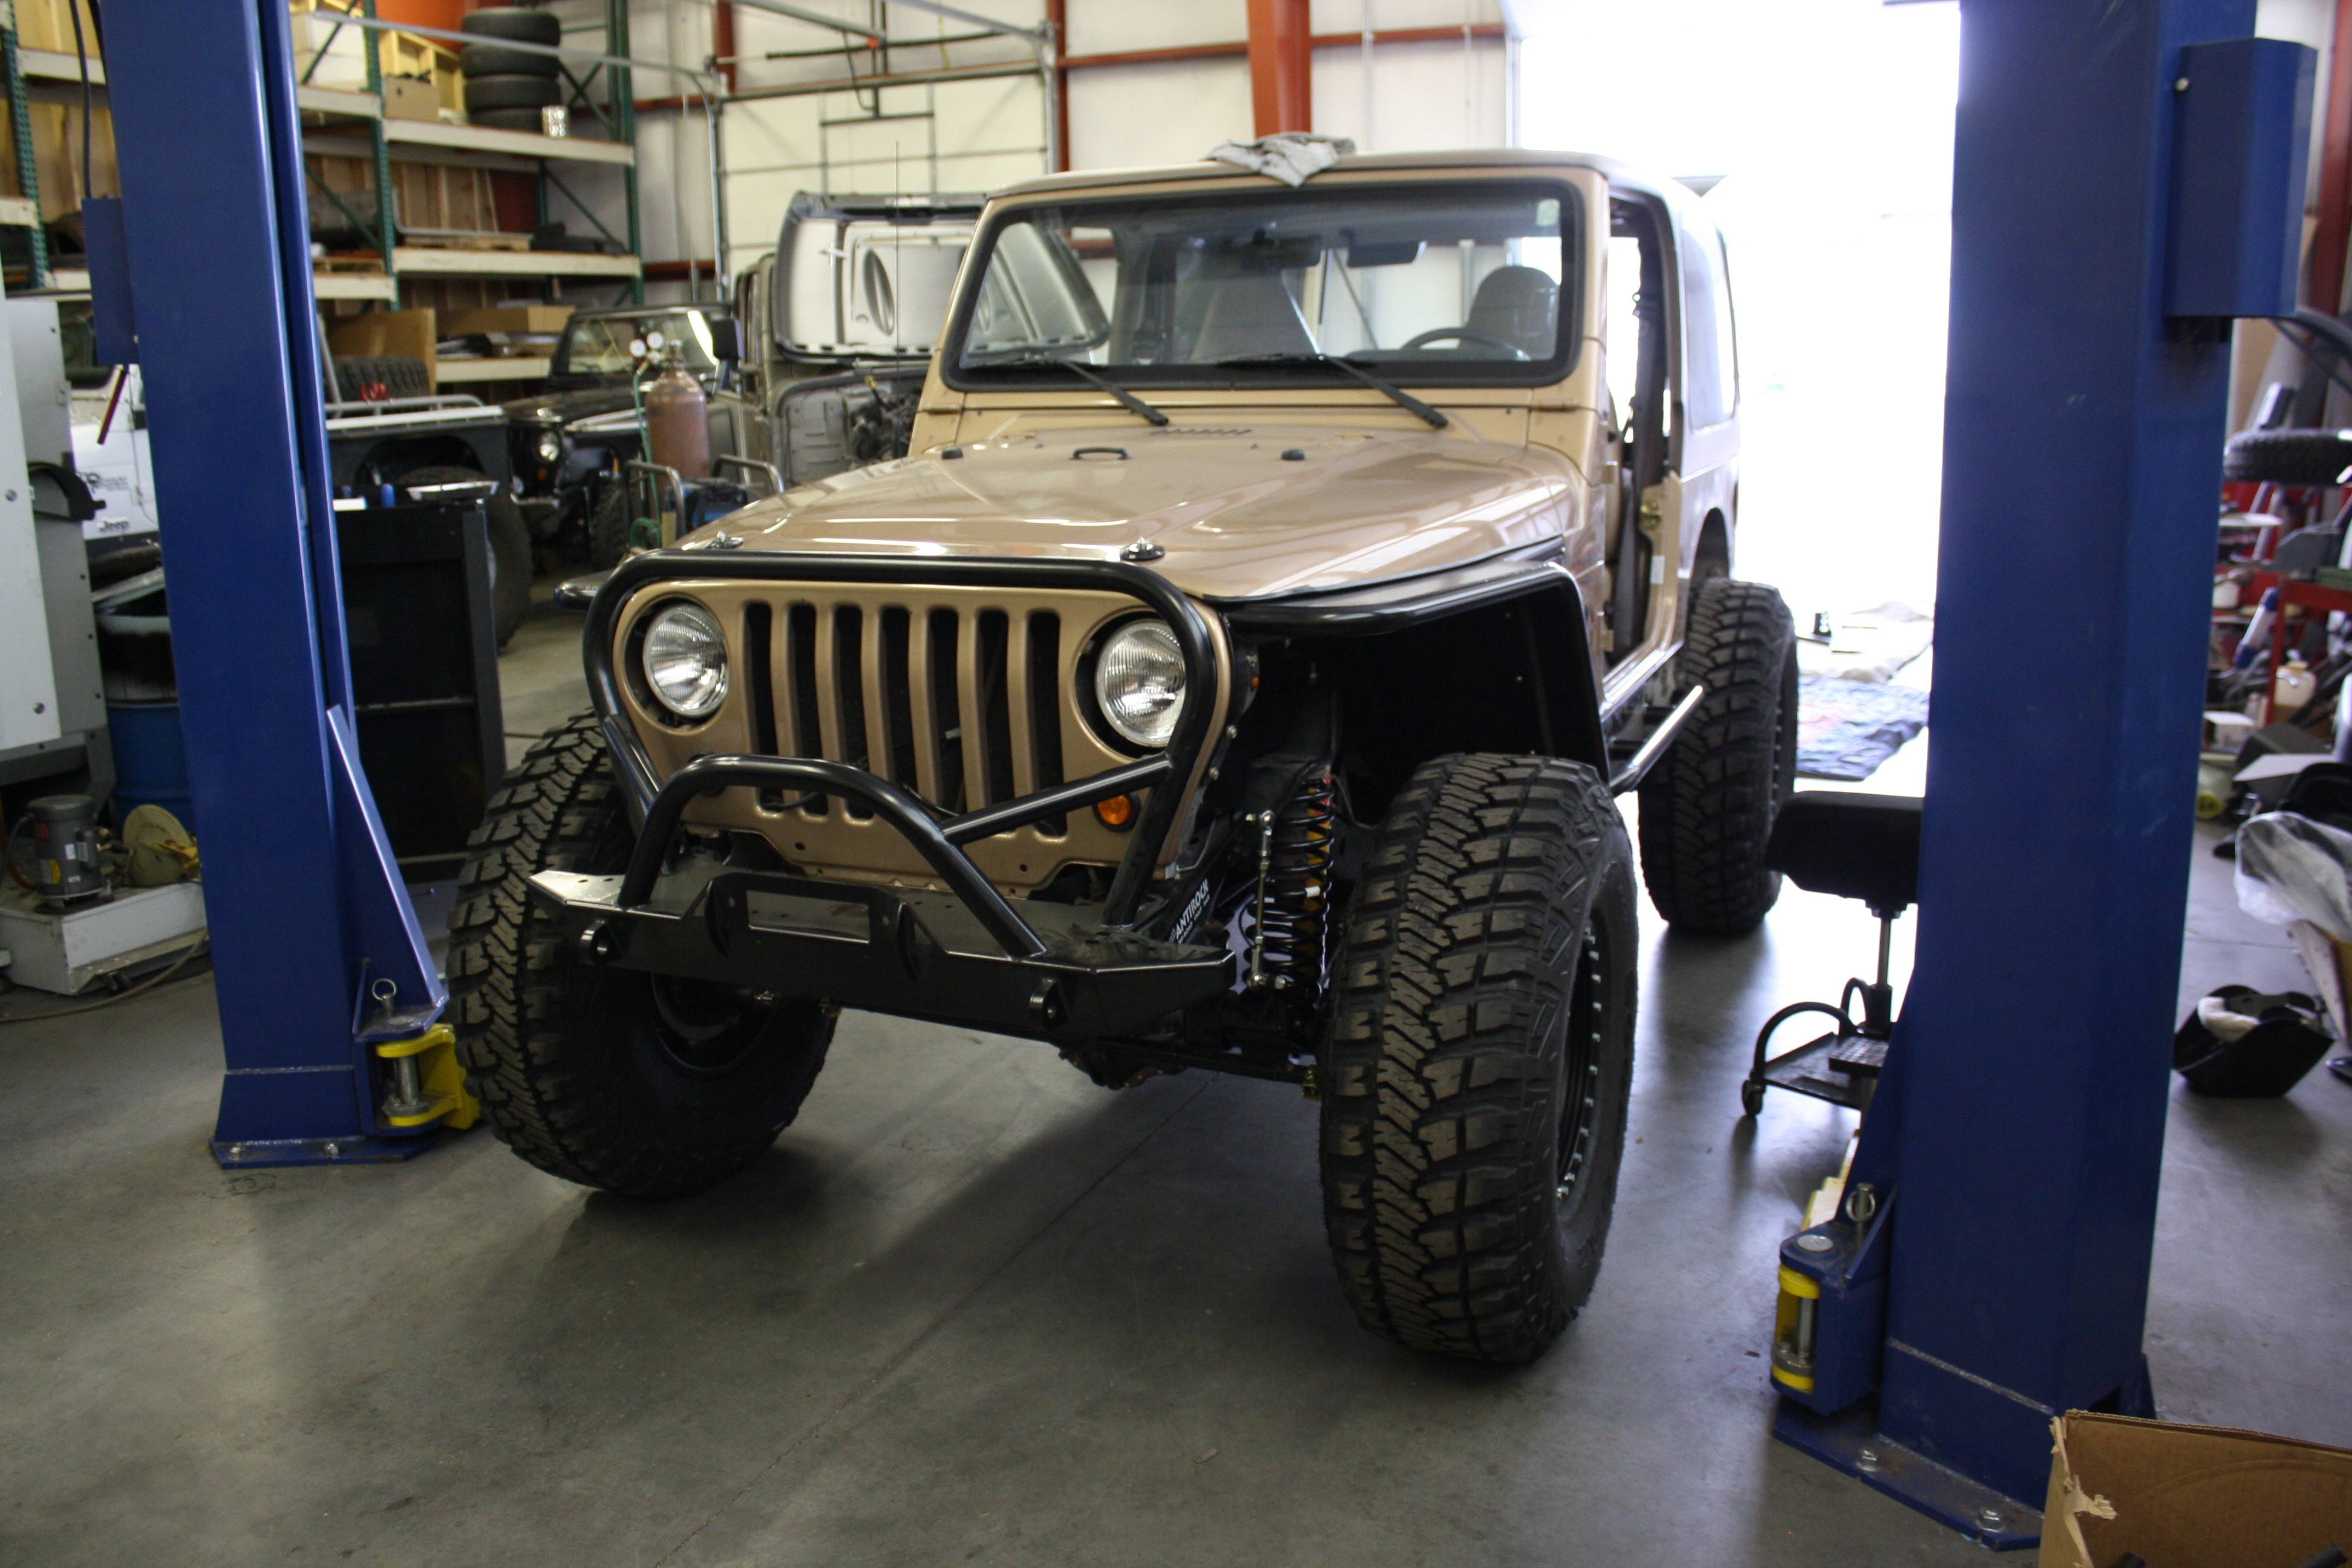 Project Stout A Rokmen LCG Build Jeep Wrangler Forum